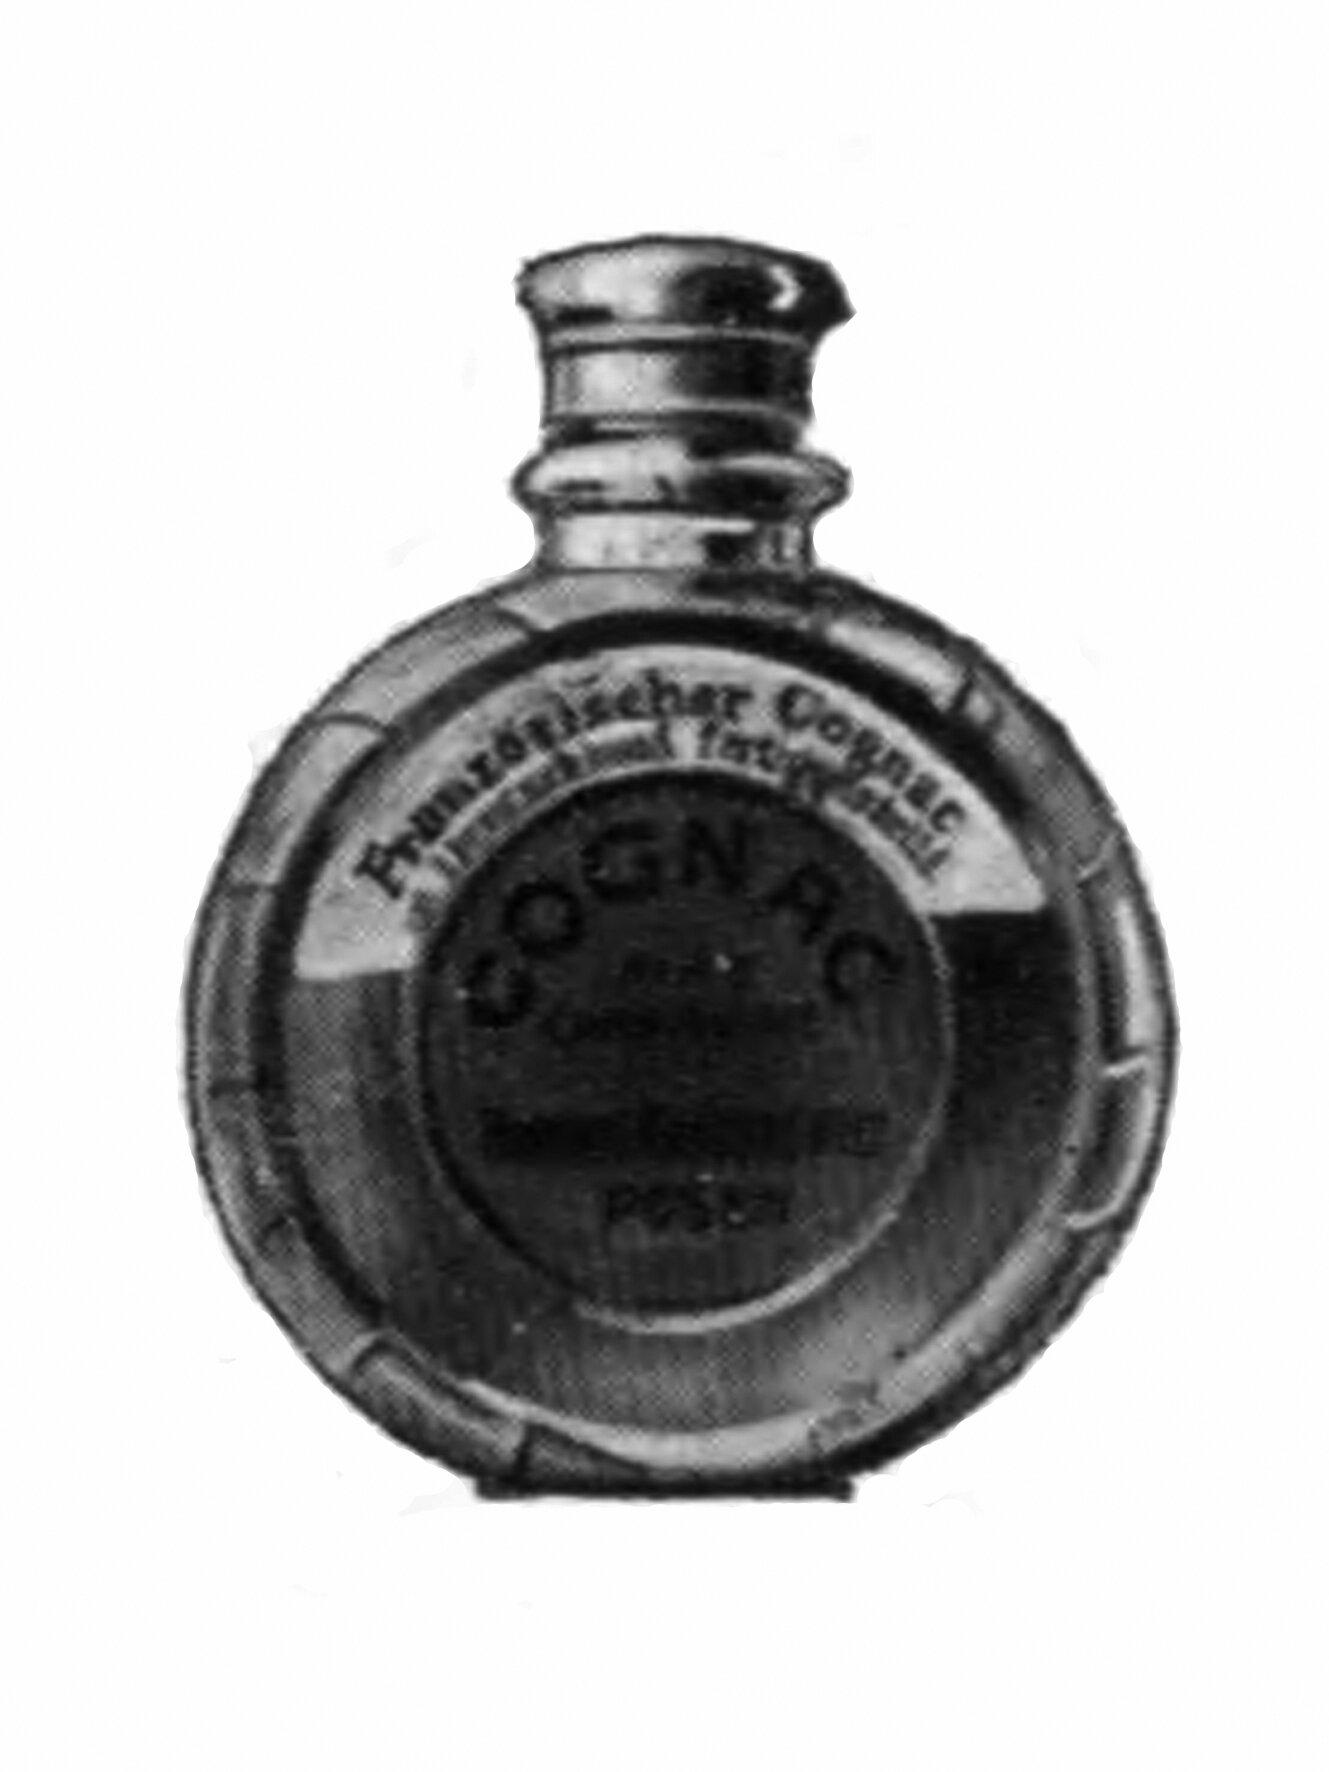 Kantorowicz Miniaturflacon, © Gerhard Schneider, Leipzig